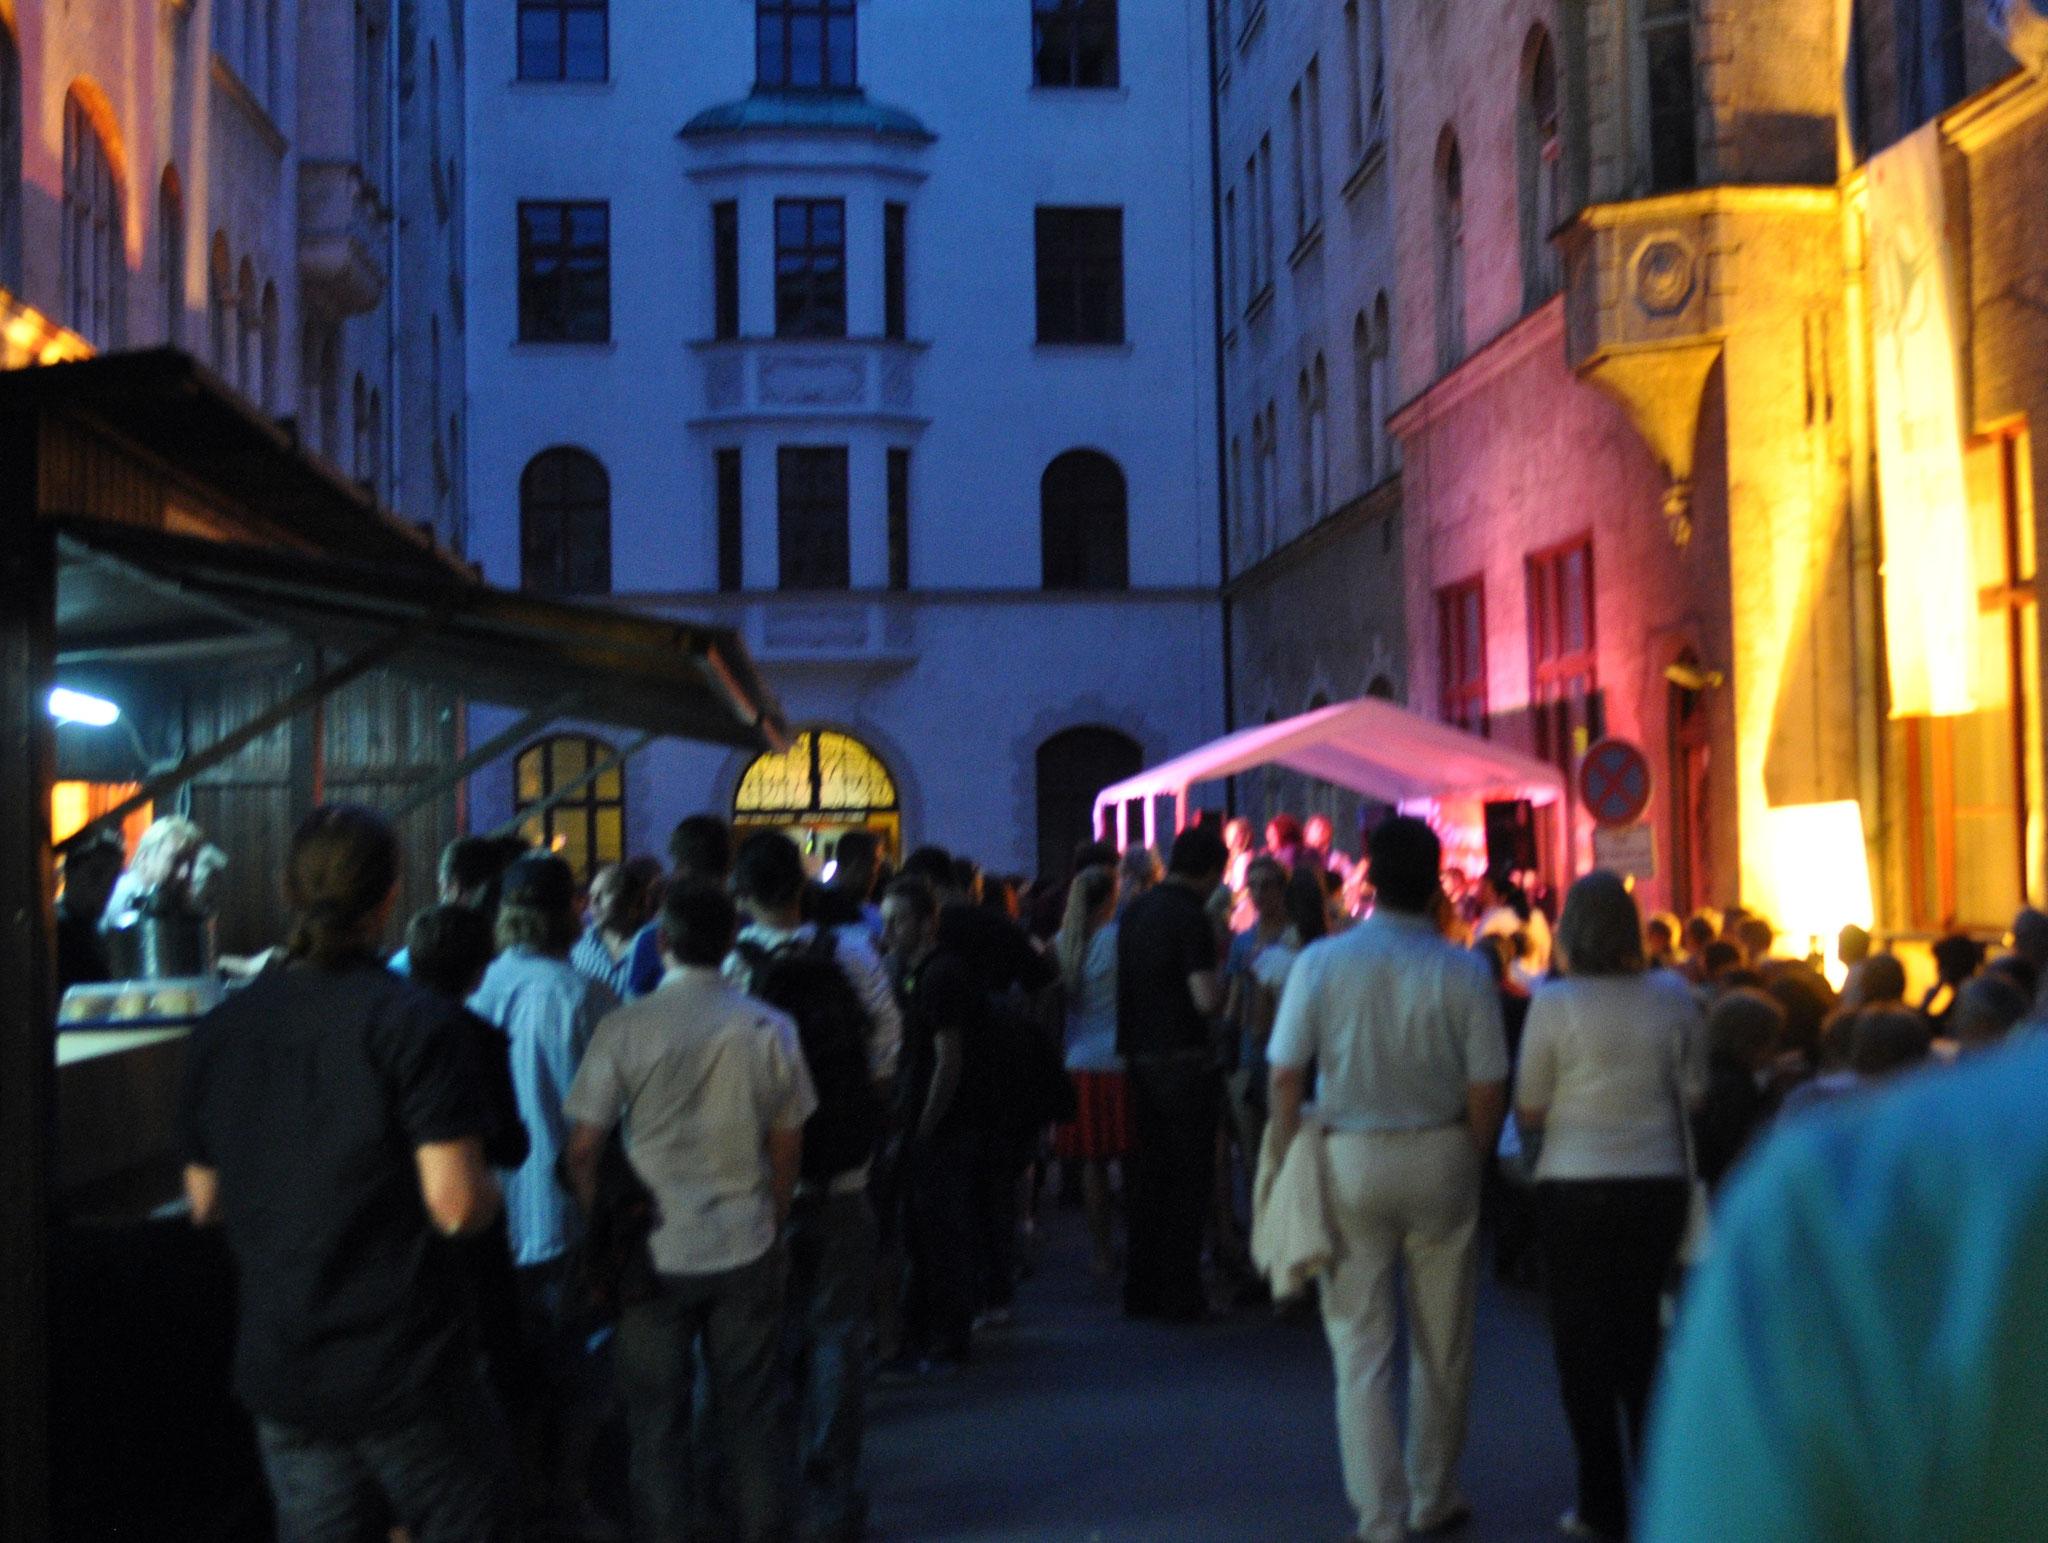 Konzerte im Bürgerhof 16.07.11 - Freiwilligen-Zentrum Augsburg - Foto: Martin Schönberger